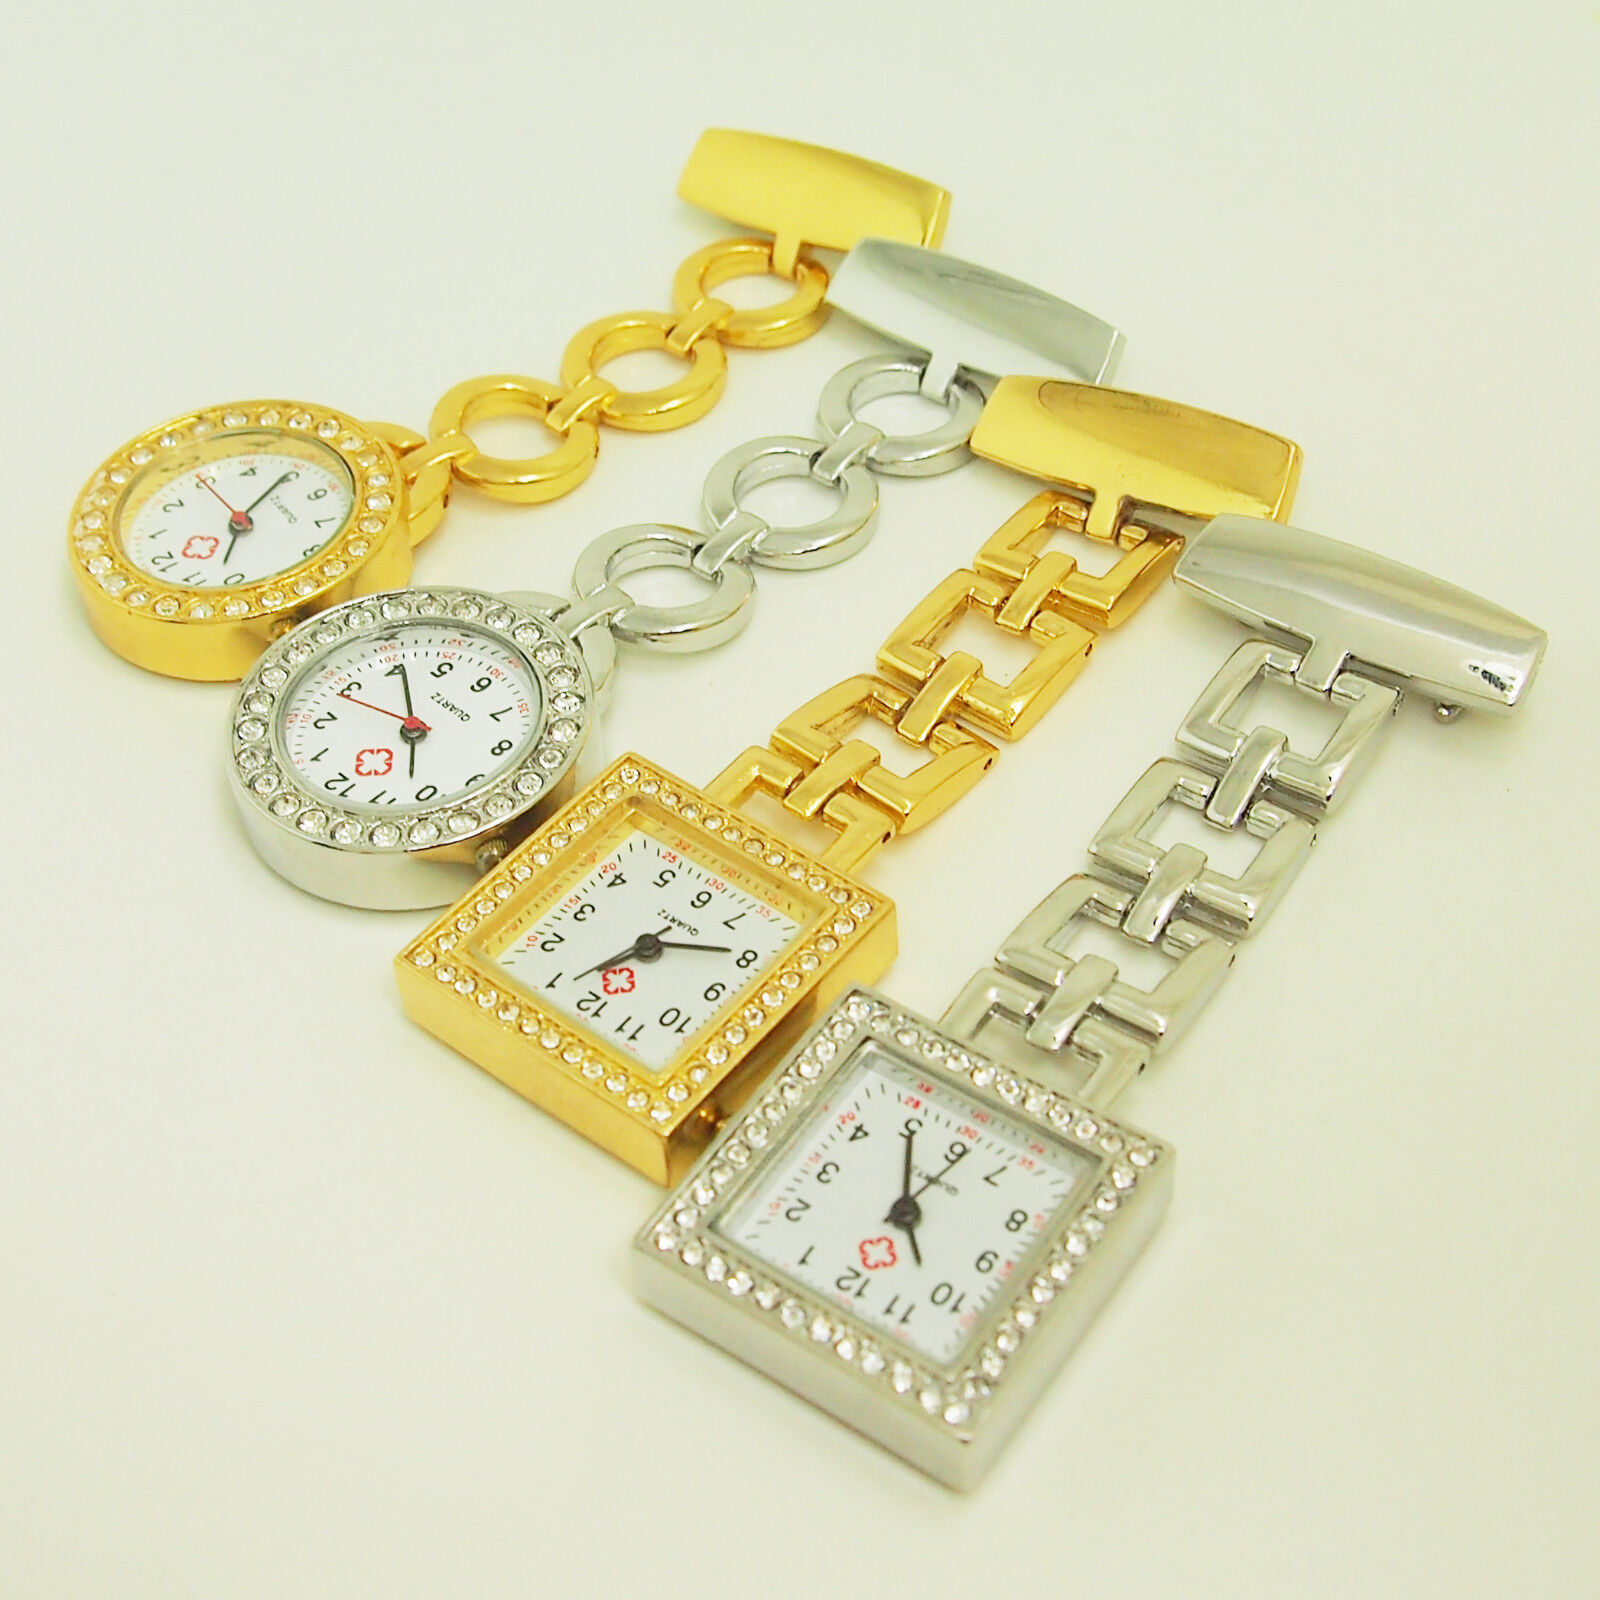 ASAMO Damen Uhr Schwesternuhr Pflegeruhr Uhr mit Strass gold silber rund eckig